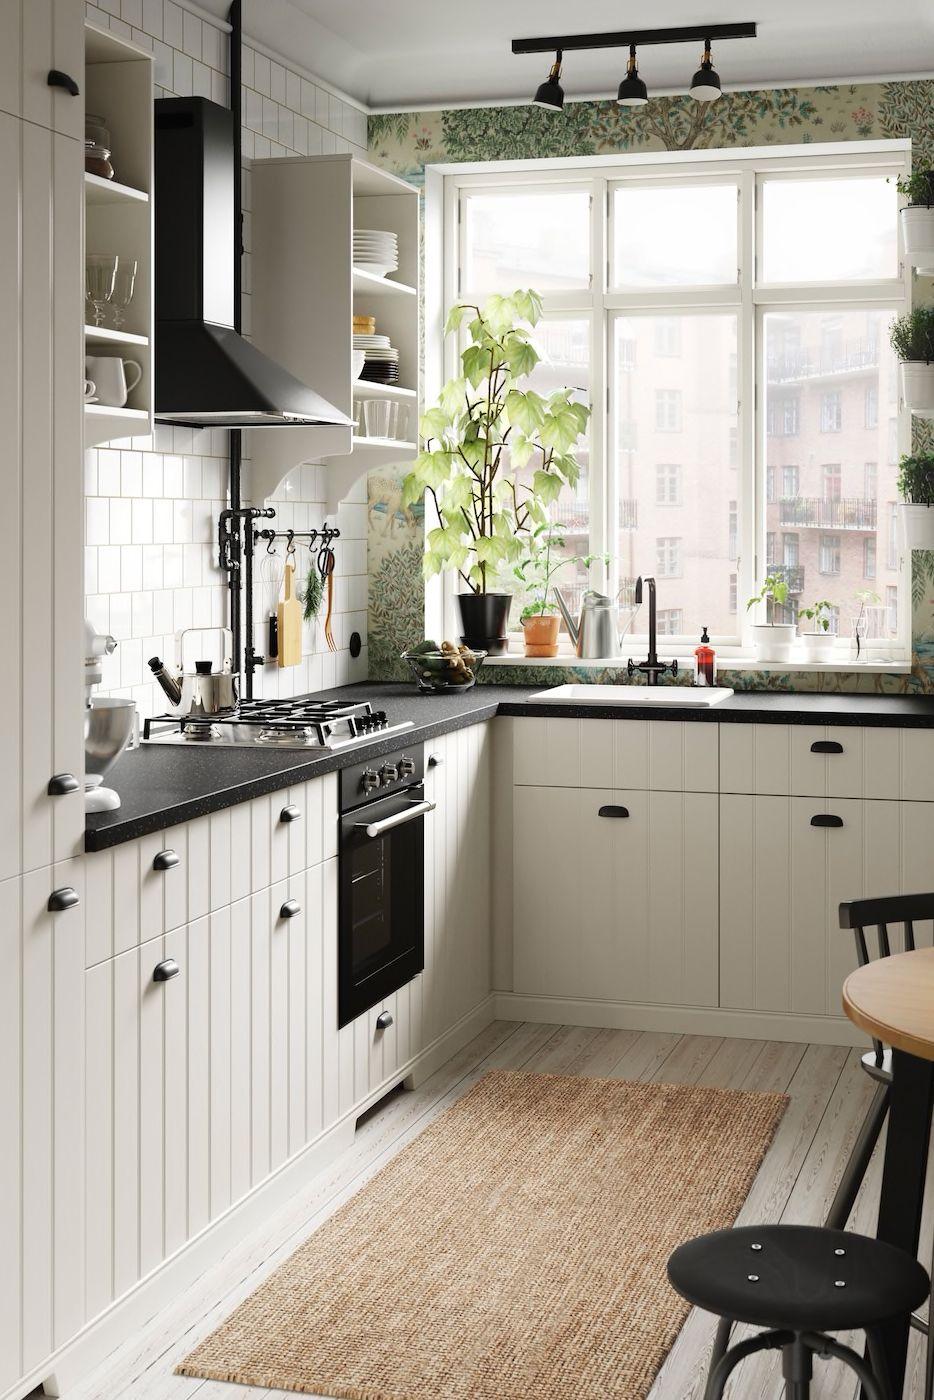 Küche & Kochbereich: Ideen & Inspirationen